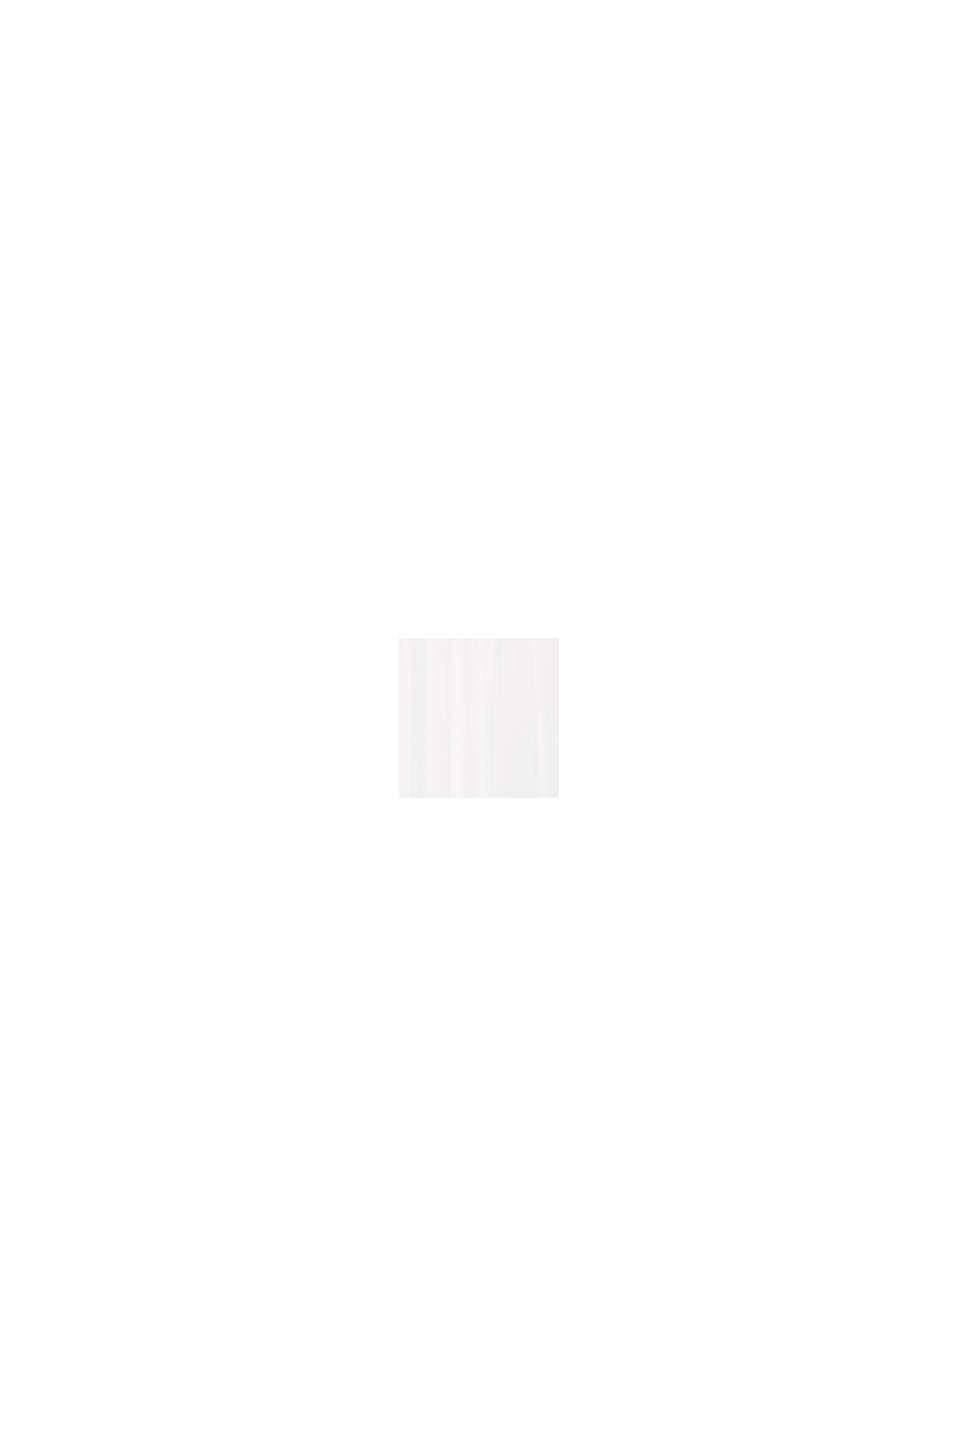 Materiale riciclato: abito maxi plissettato in chiffon, OFF WHITE, swatch